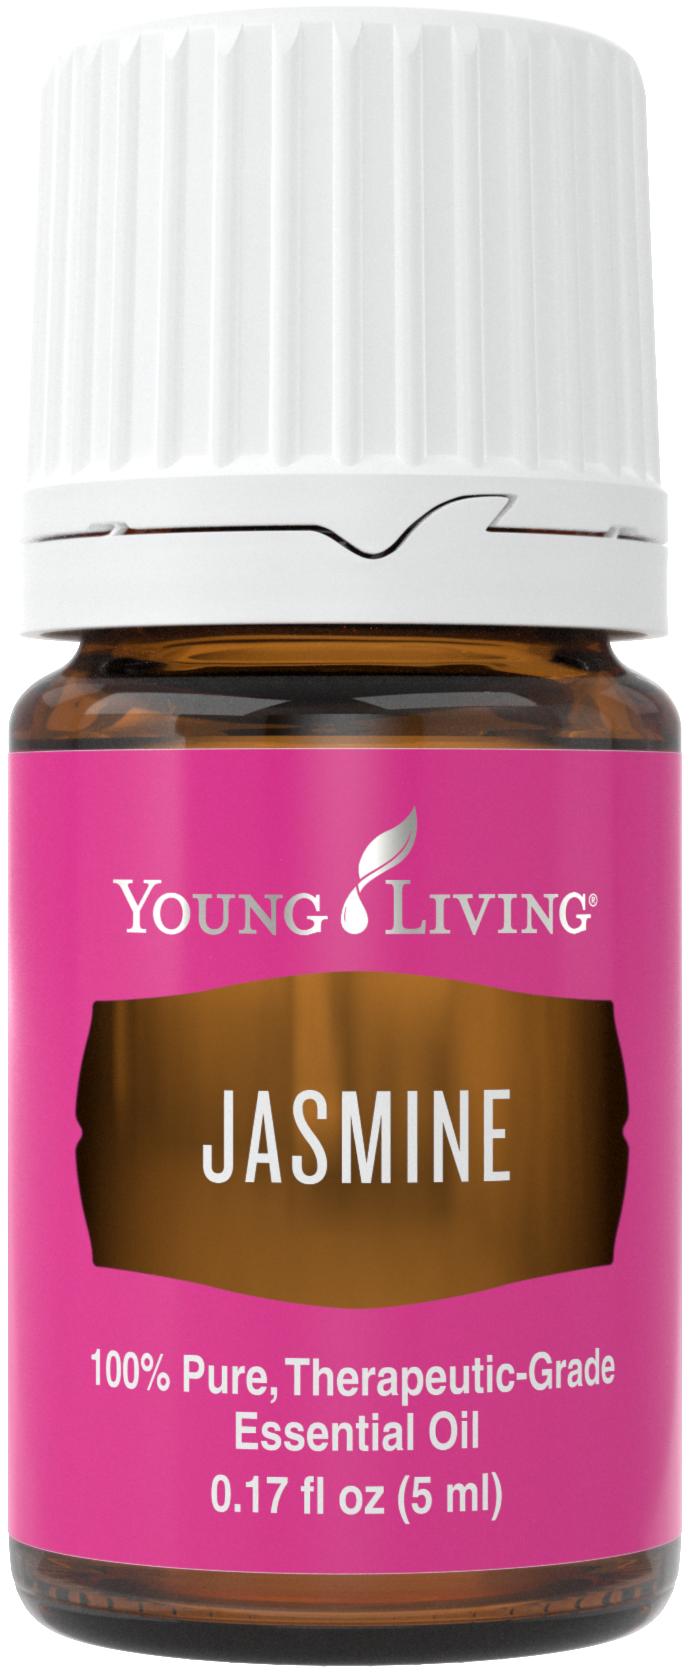 jasmine_5ml_silo_us_2016_24527318775_o